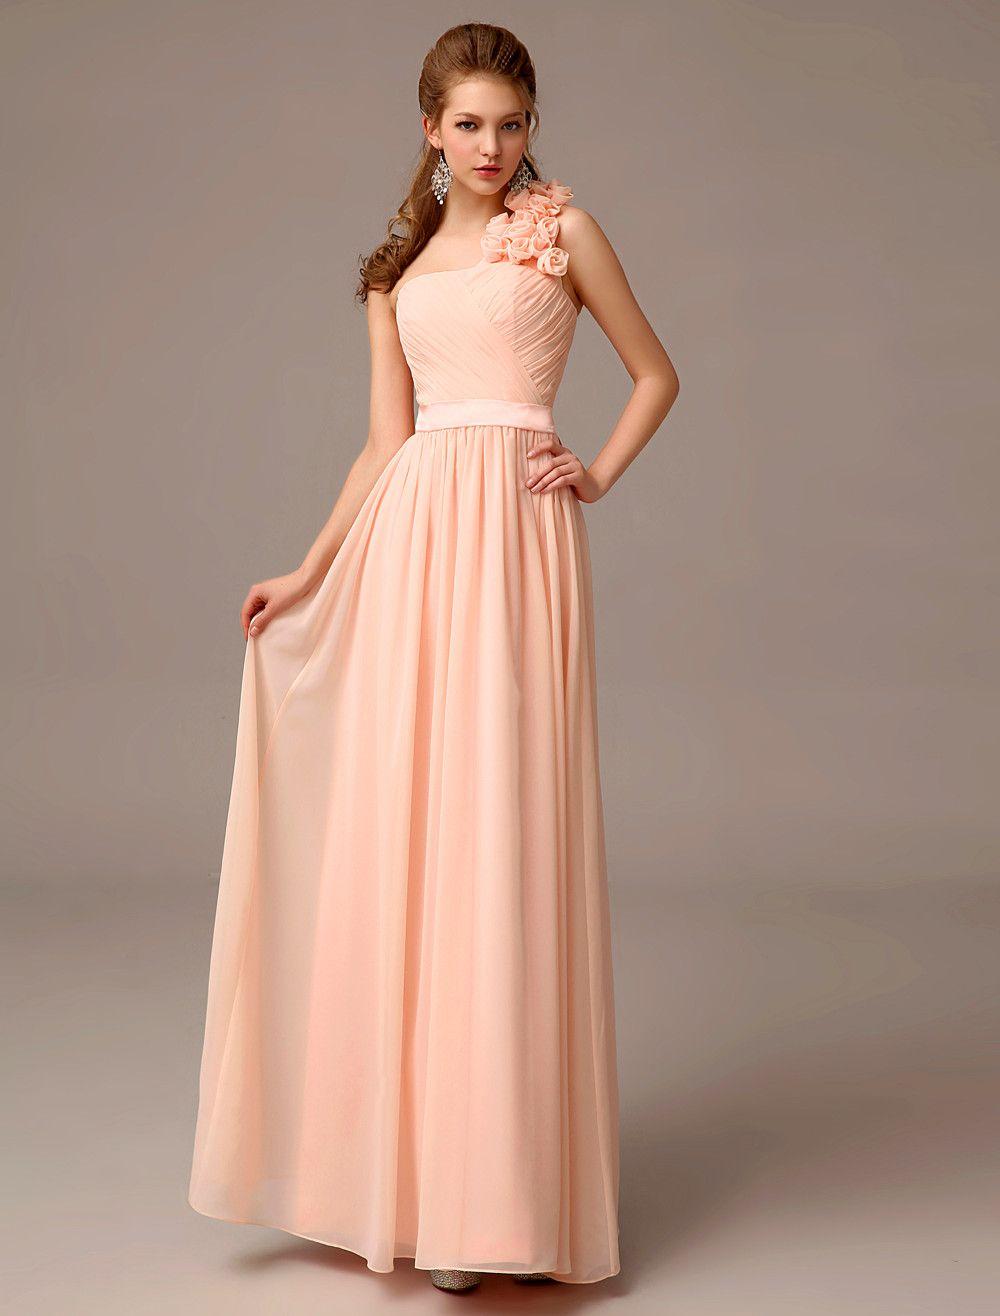 one shoulder bridesmaid dress light orange color